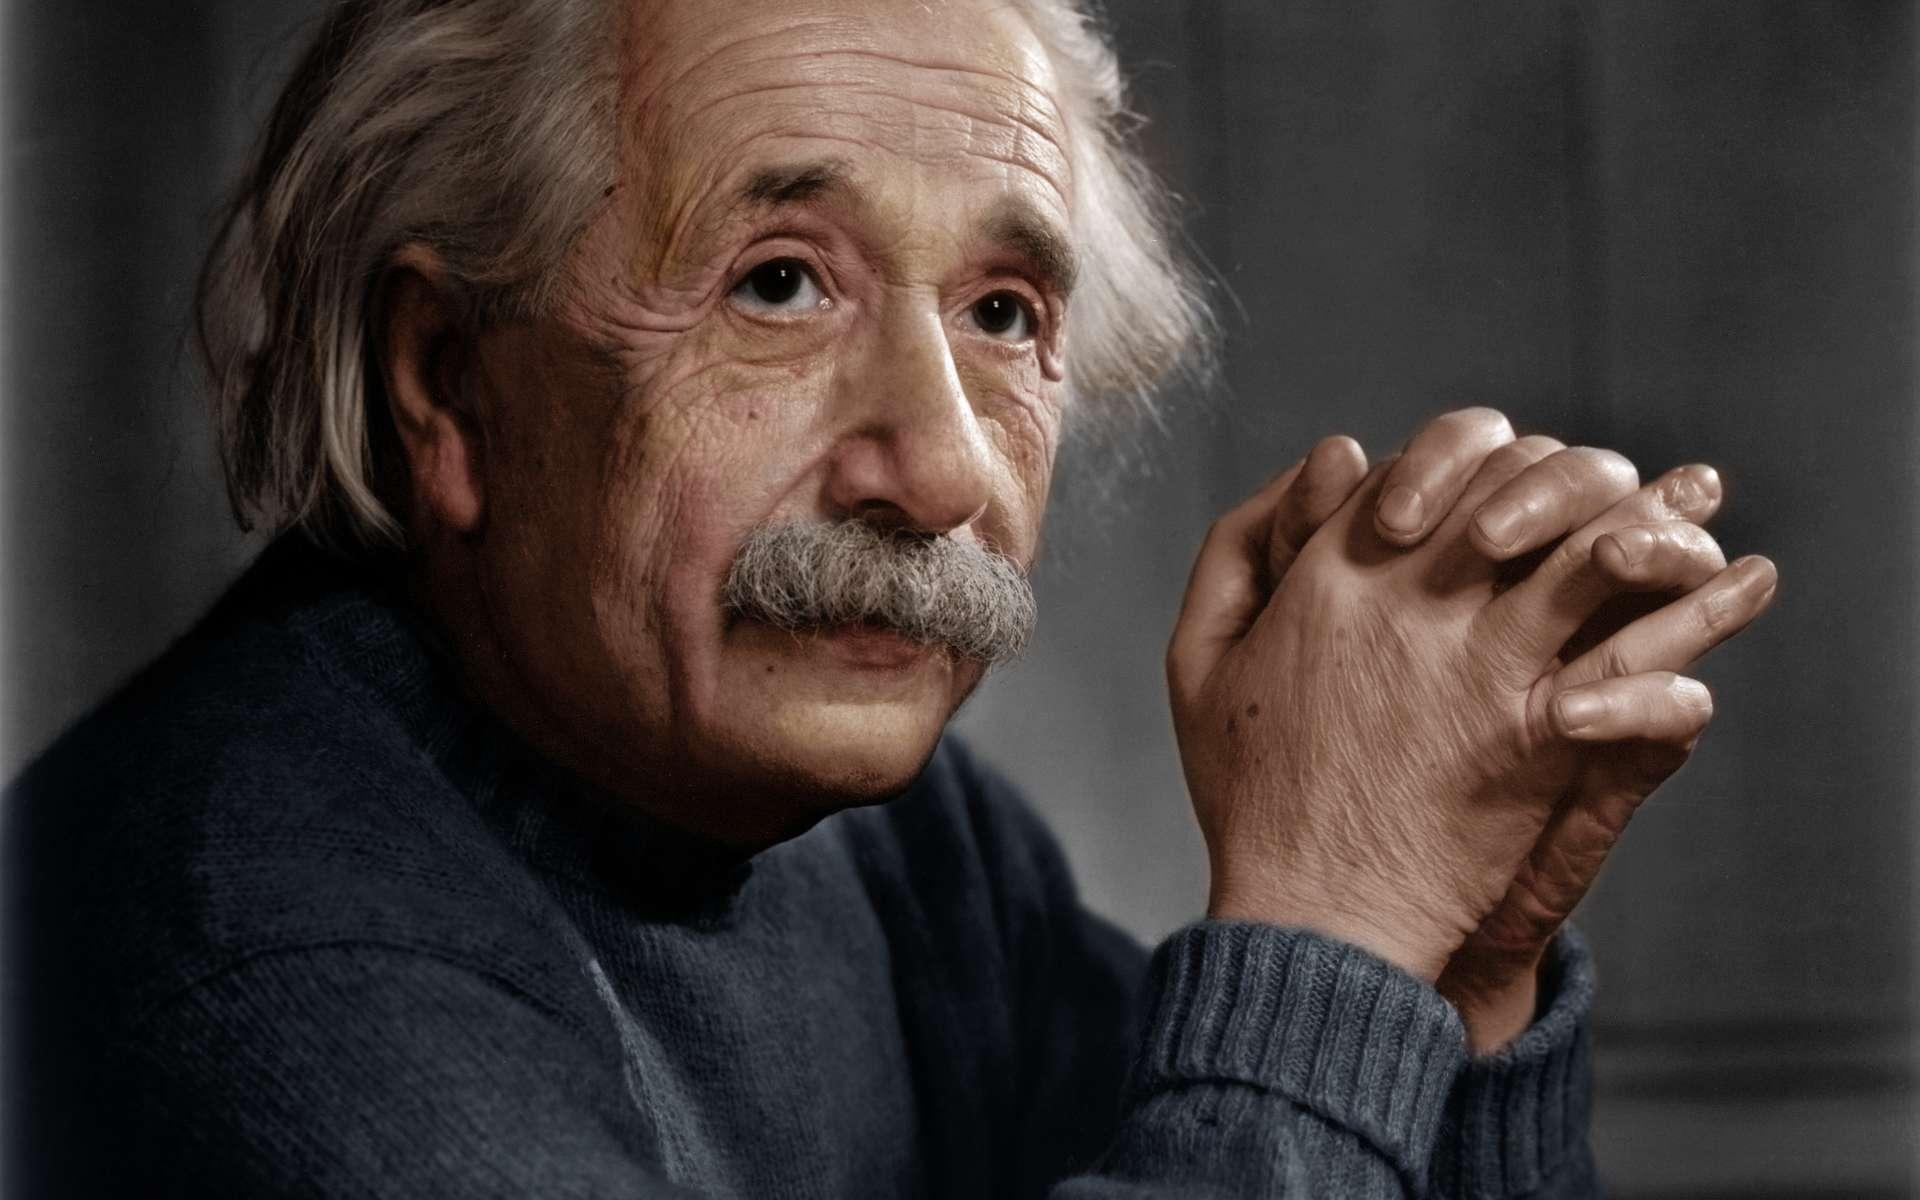 Albert Einstein est à l'origine de la découverte théorique des phonons. © InformiguelCarreño, Wikimedia Commons, CC by-sa 4.0